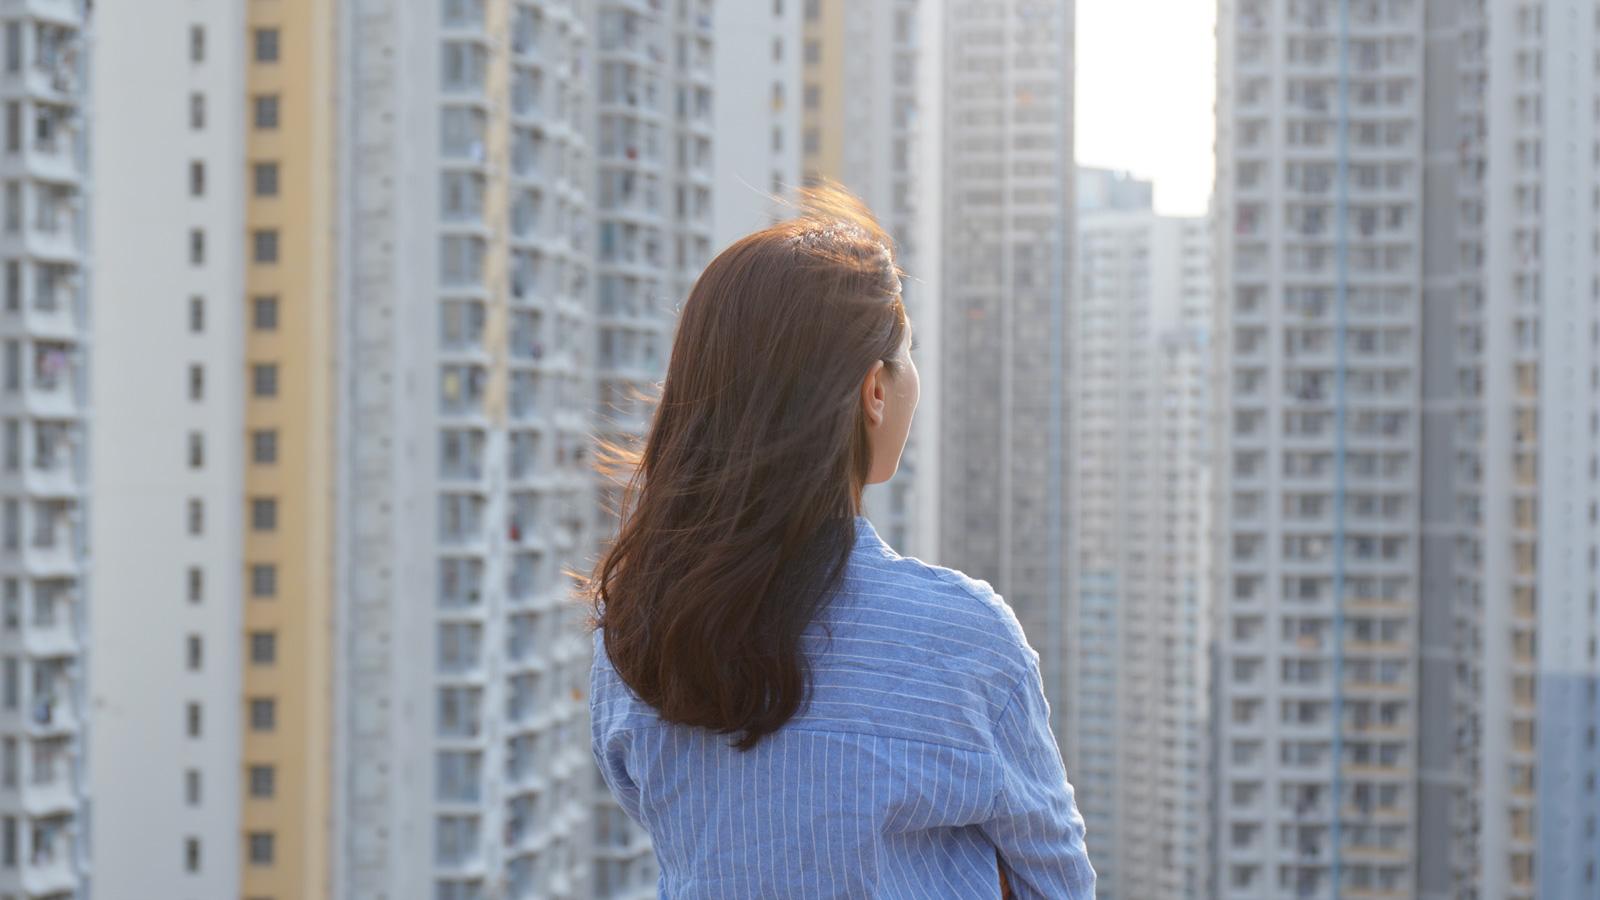 Kryzys kwestią czasu –kiedy nadejdzie? Koronakryzys mediarun budynki kobieta wzrok czas kryzys miasto 2020